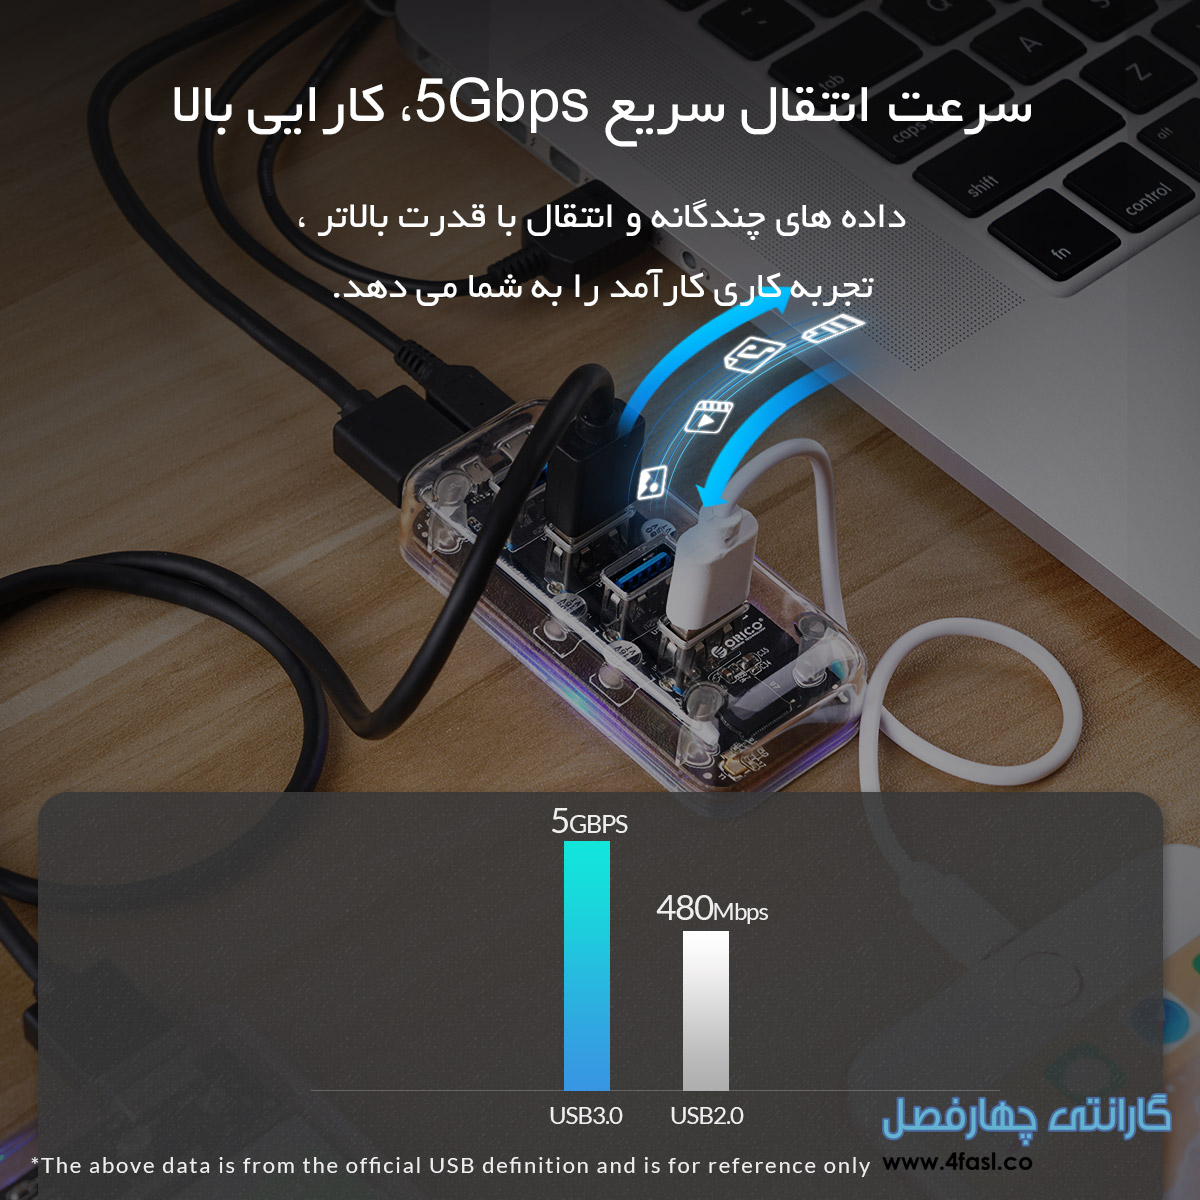 هاب 4 پورت USB3.0 رومیزی